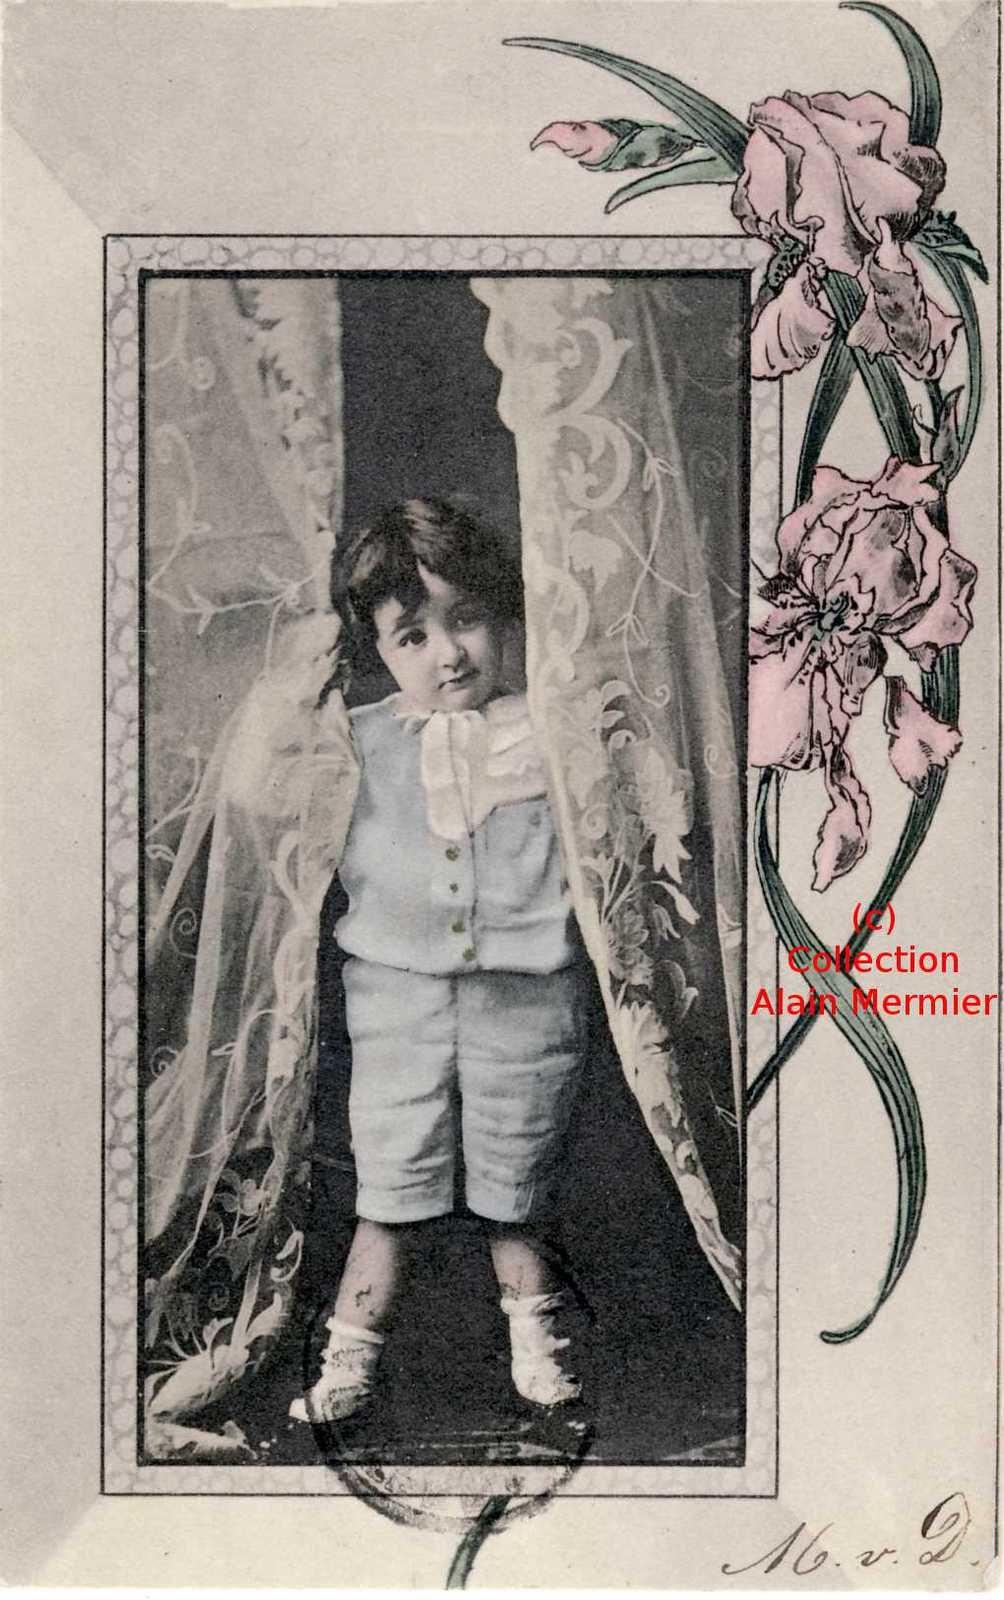 Iris -3648- Enfant ouvrant les rideaux. Hollande. 1903